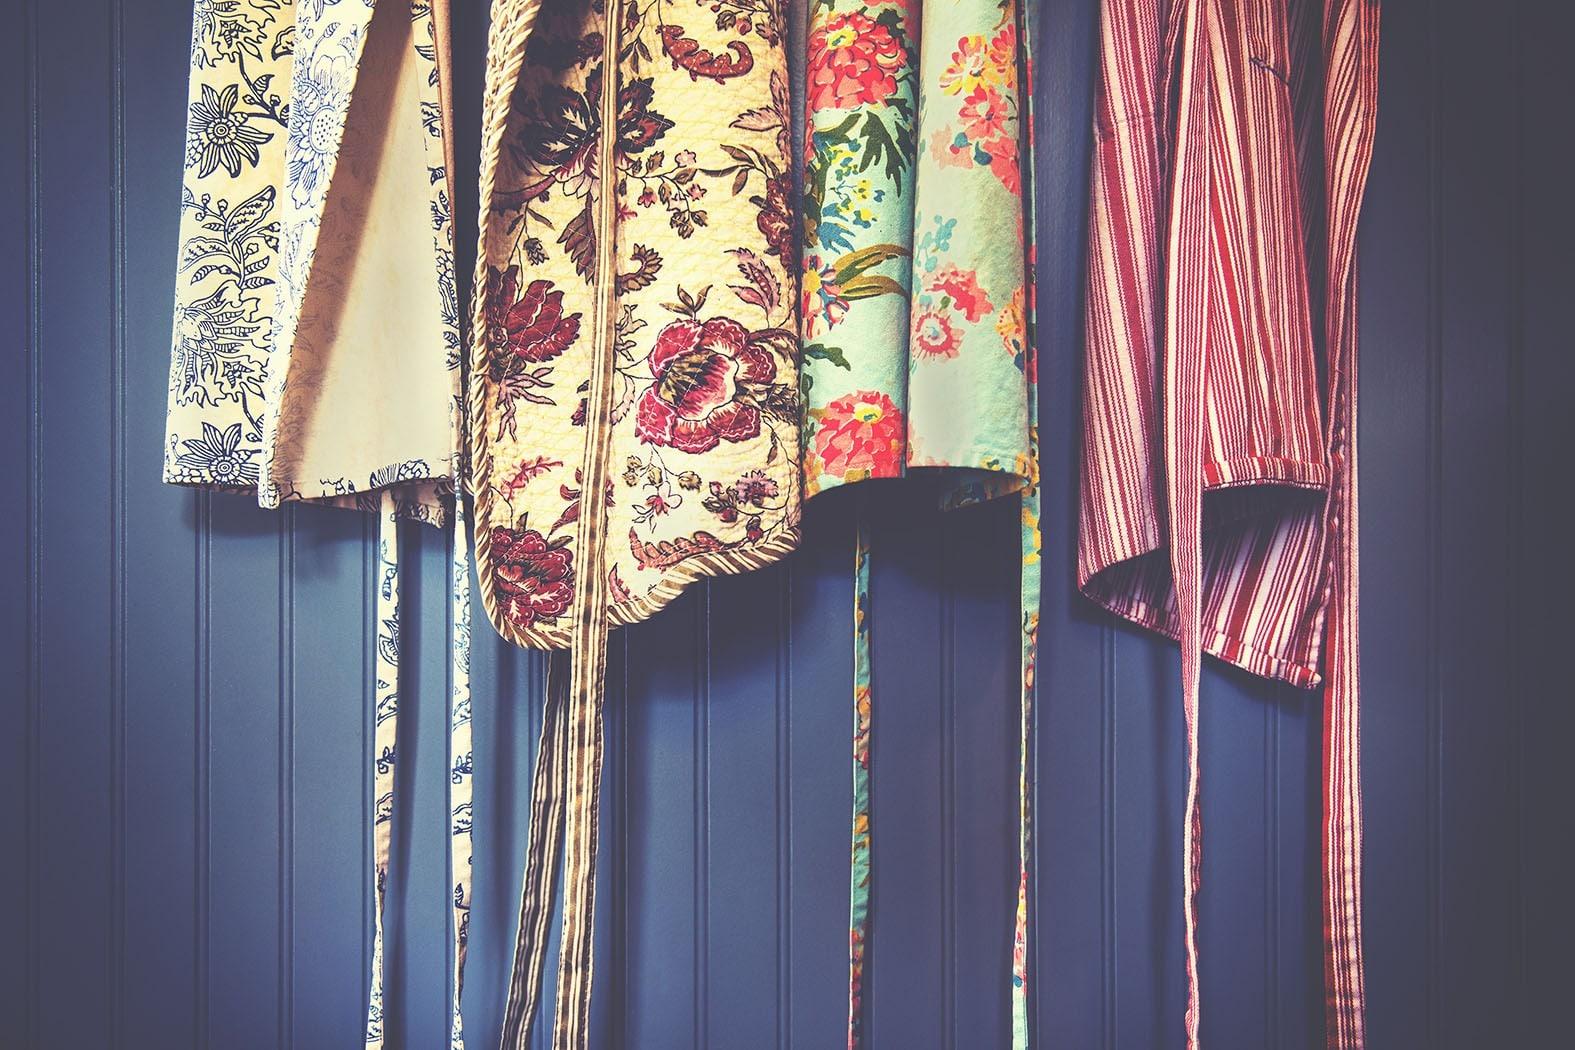 Ventajas y desventajas de la Sublimación Textil.